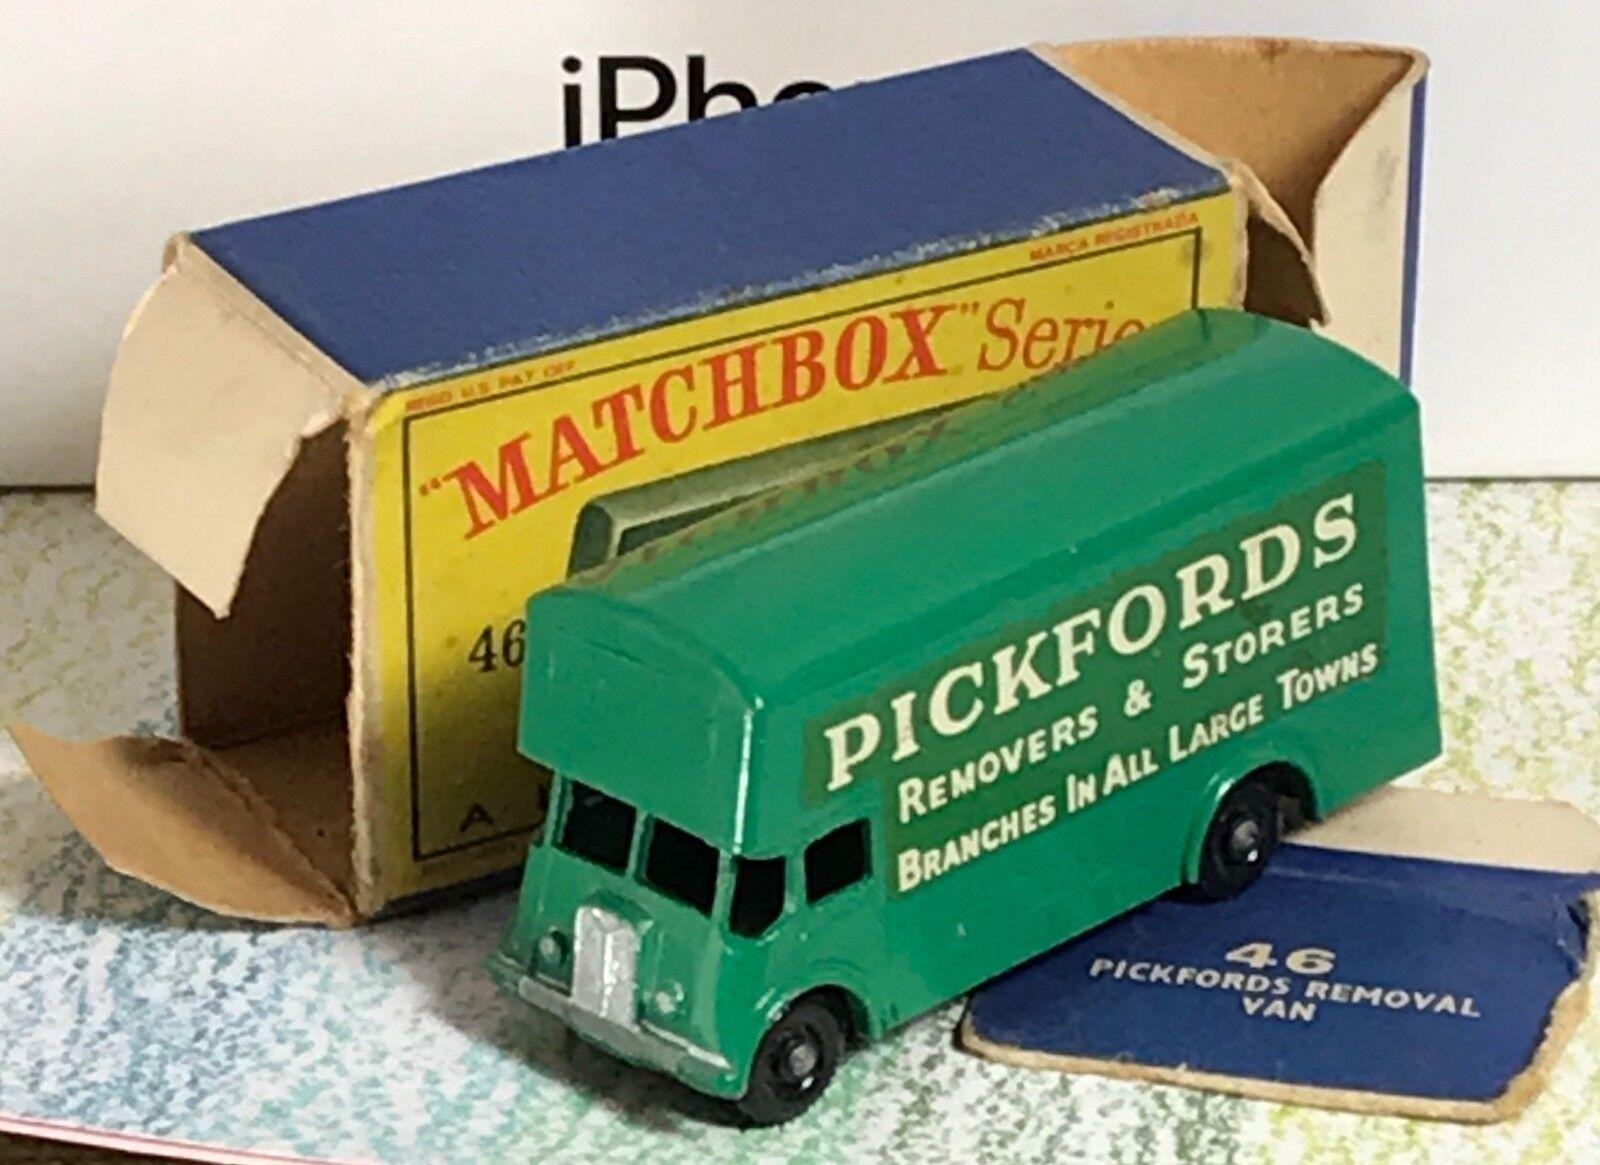 Matchbox Lesney b verde tipo eliminaciones piezas fundidas 2 Van Pickfords Menta en caja